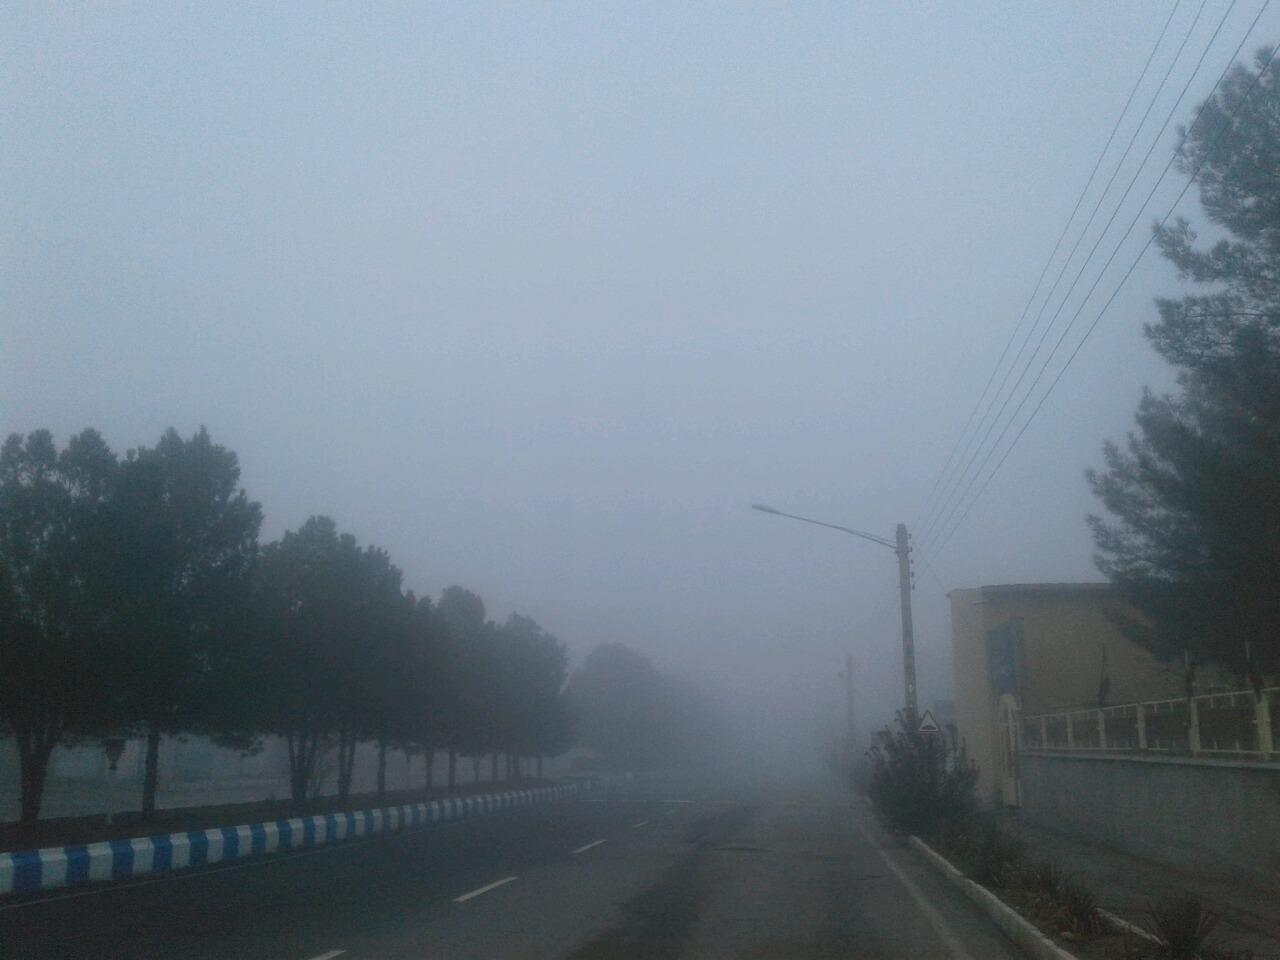 بارش باران و برف برای امروز و فردا در خراسان جنوبی